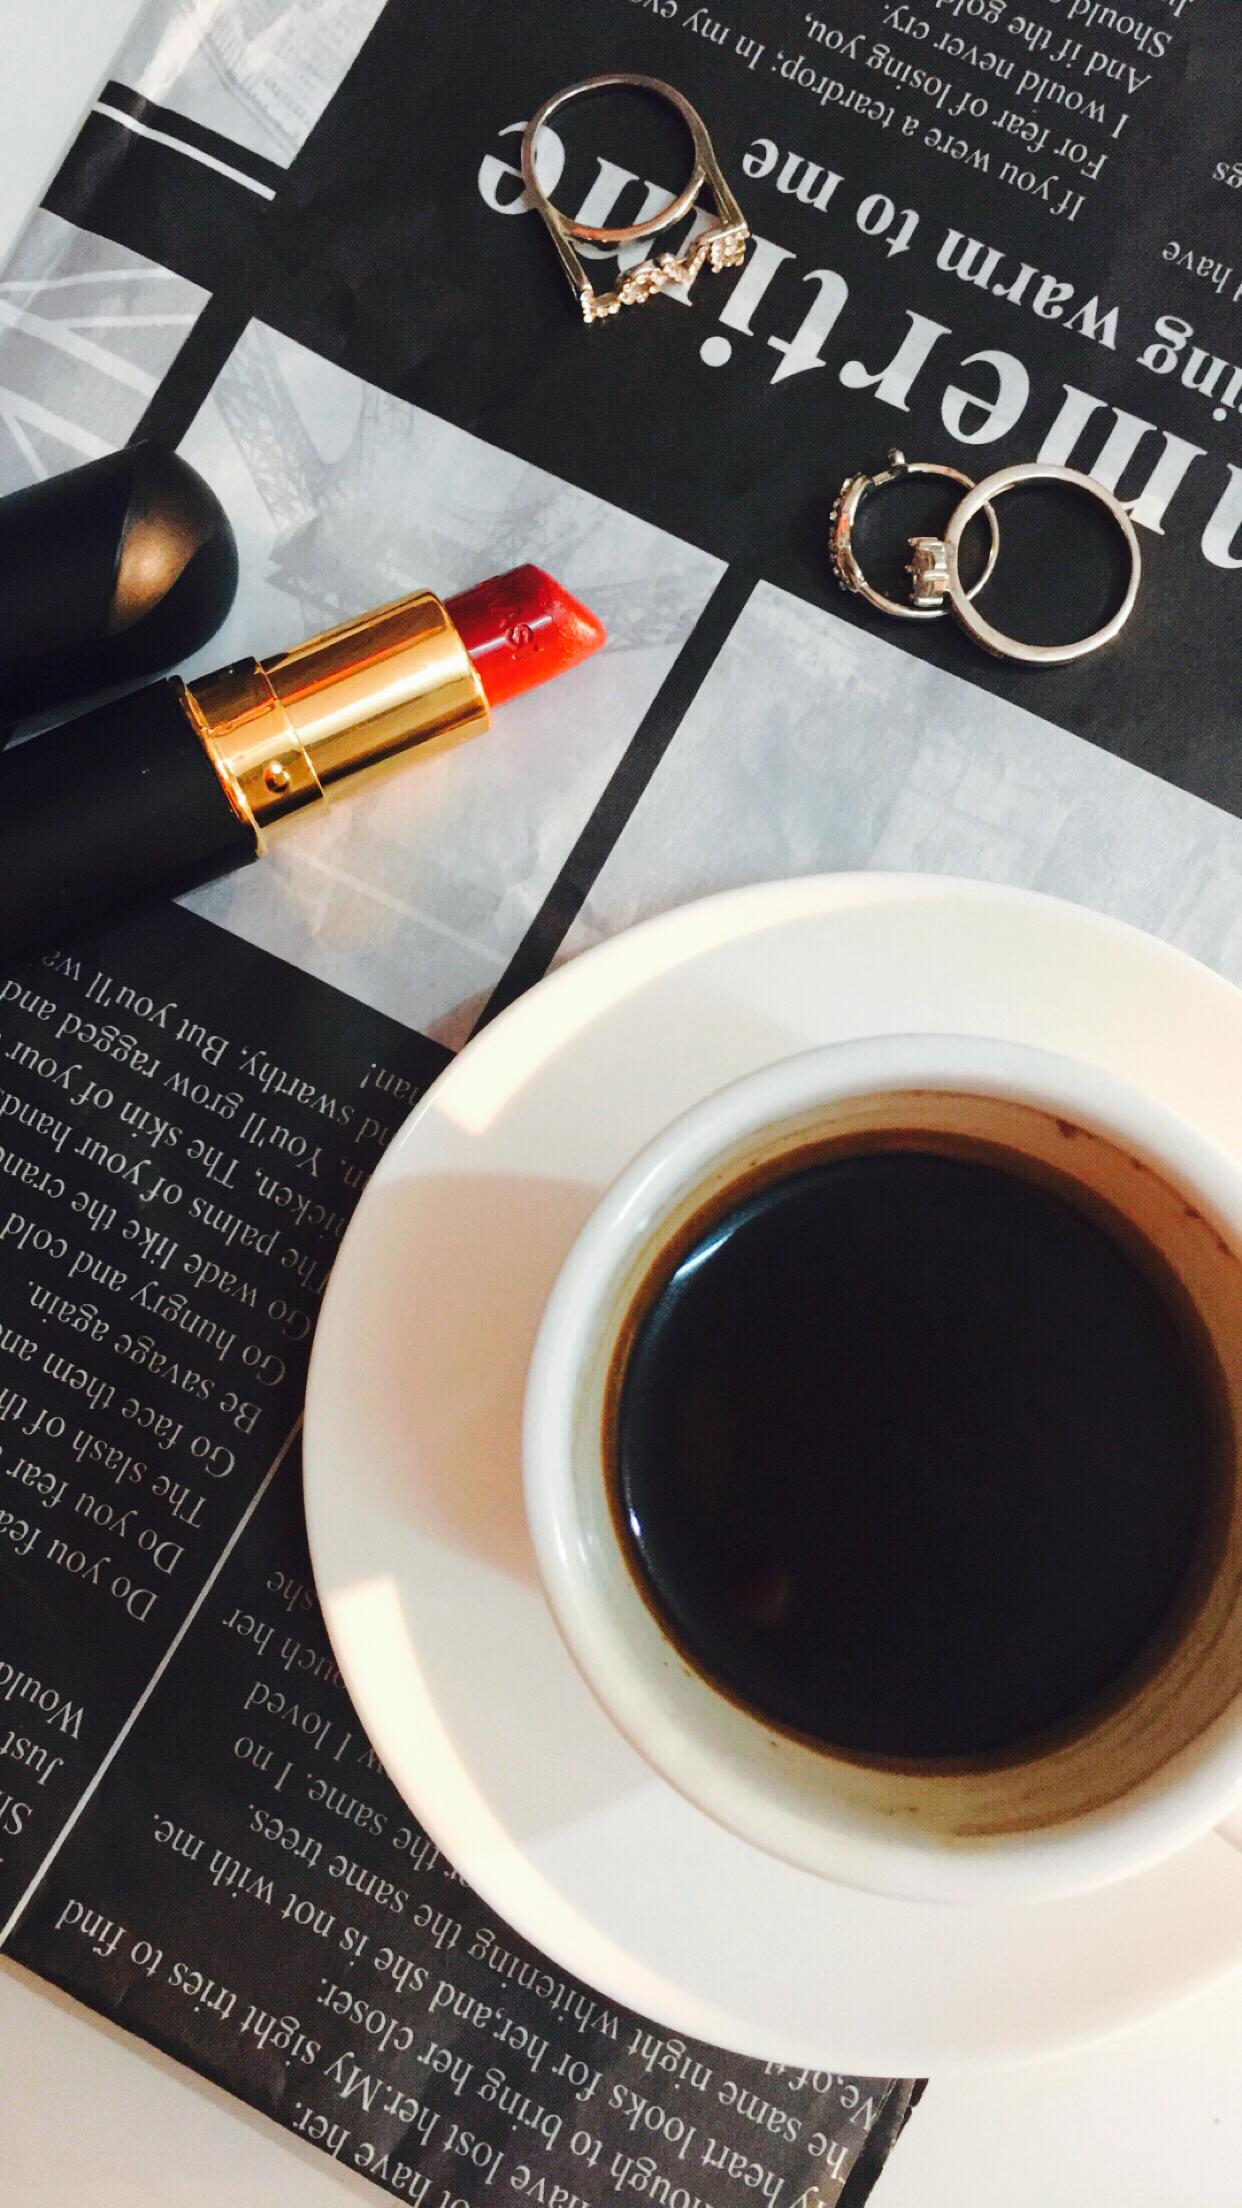 بنات رمزيات رمزيات ابيض واسود مزز السعوديه فولو ورد مساء الخير صباح الخير رمزيات بنات الخليج Coffee Quotes Good Morning Coffee Coffee Recipes